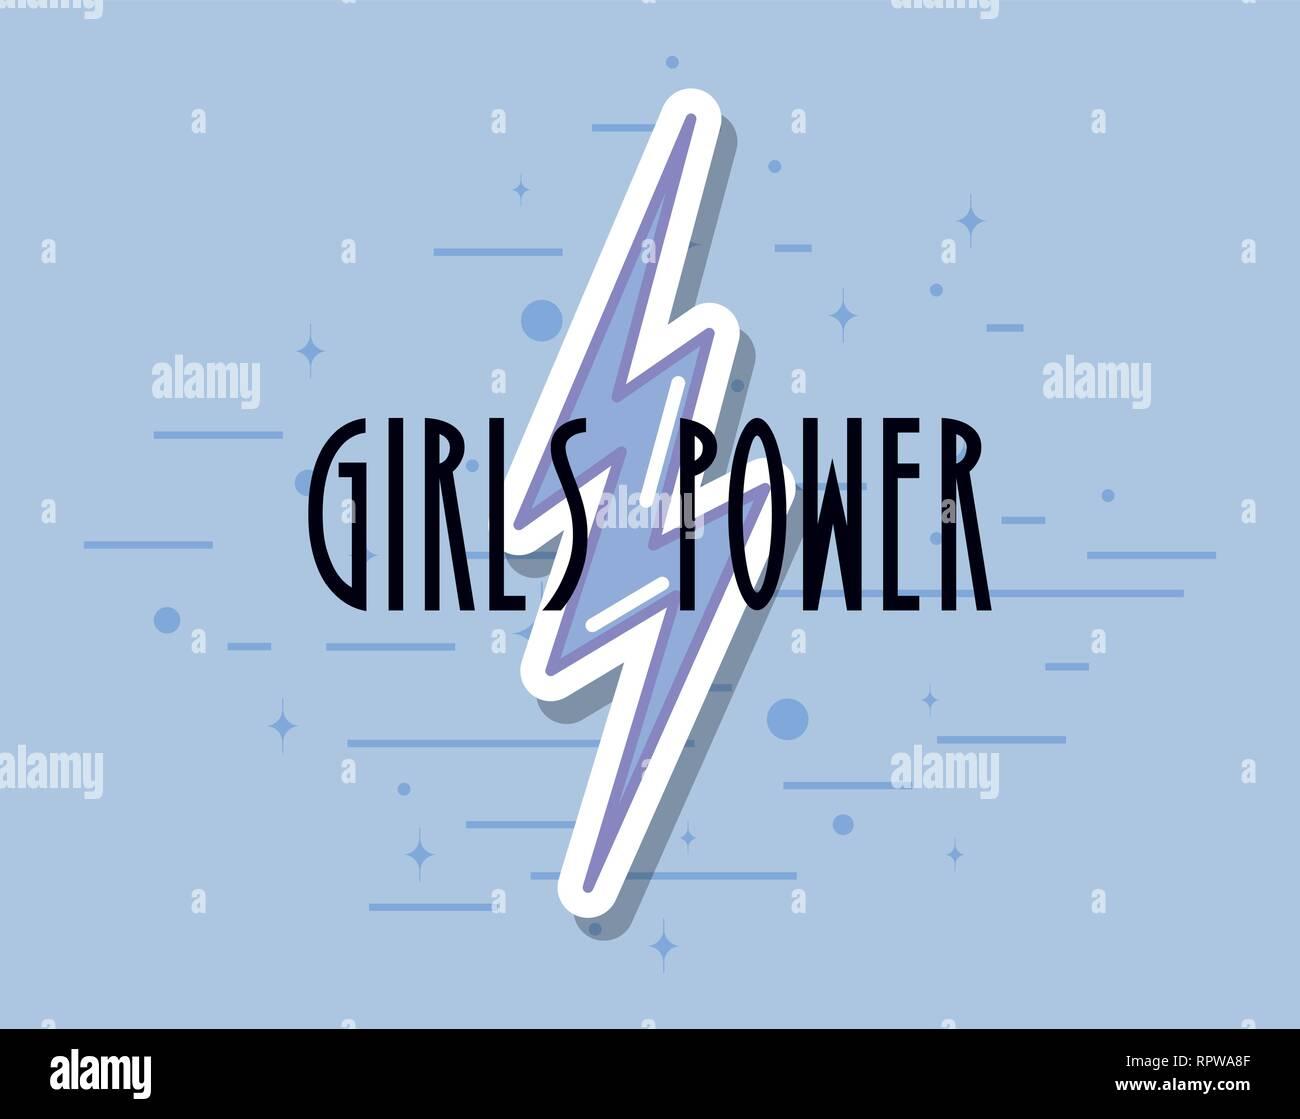 girls power ray feminism poster vector illustration - Stock Image